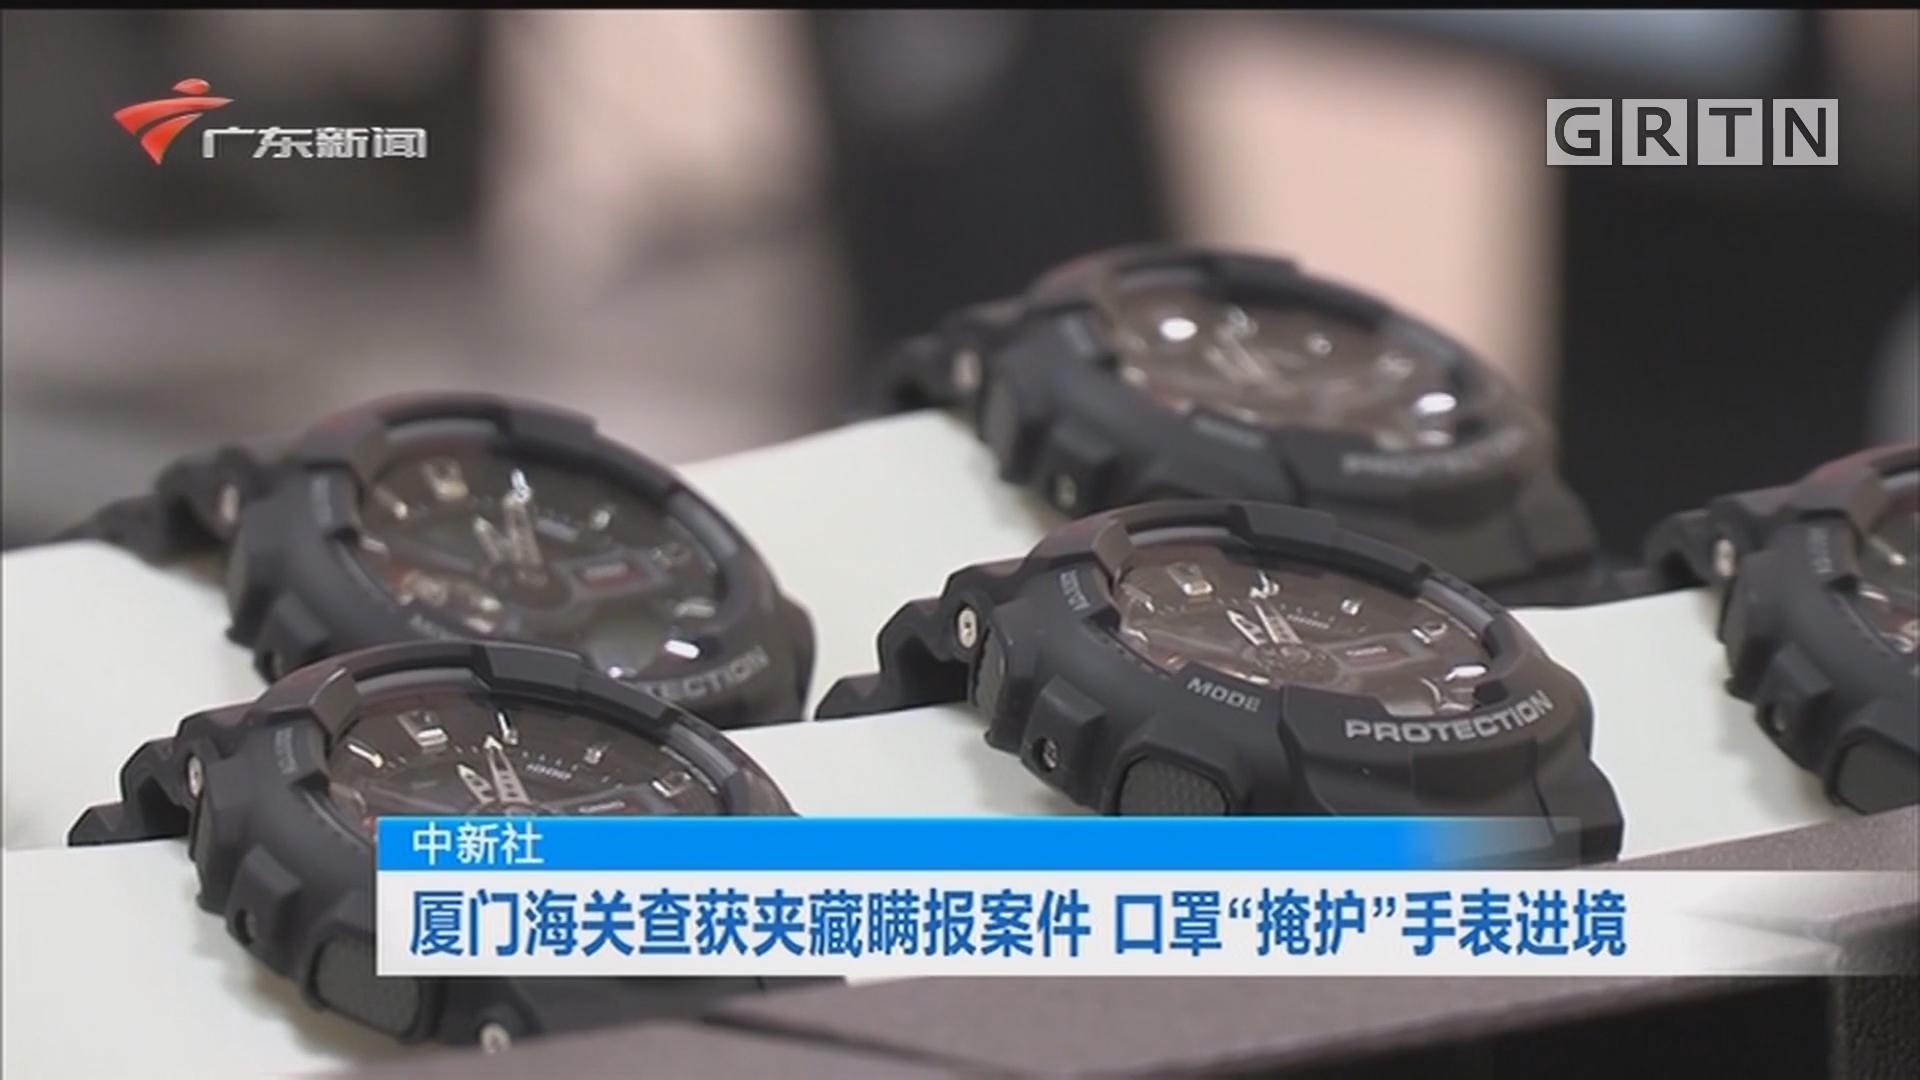 """中新社:厦门海关查获夹藏瞒报案件 口罩""""掩护""""手表进境"""